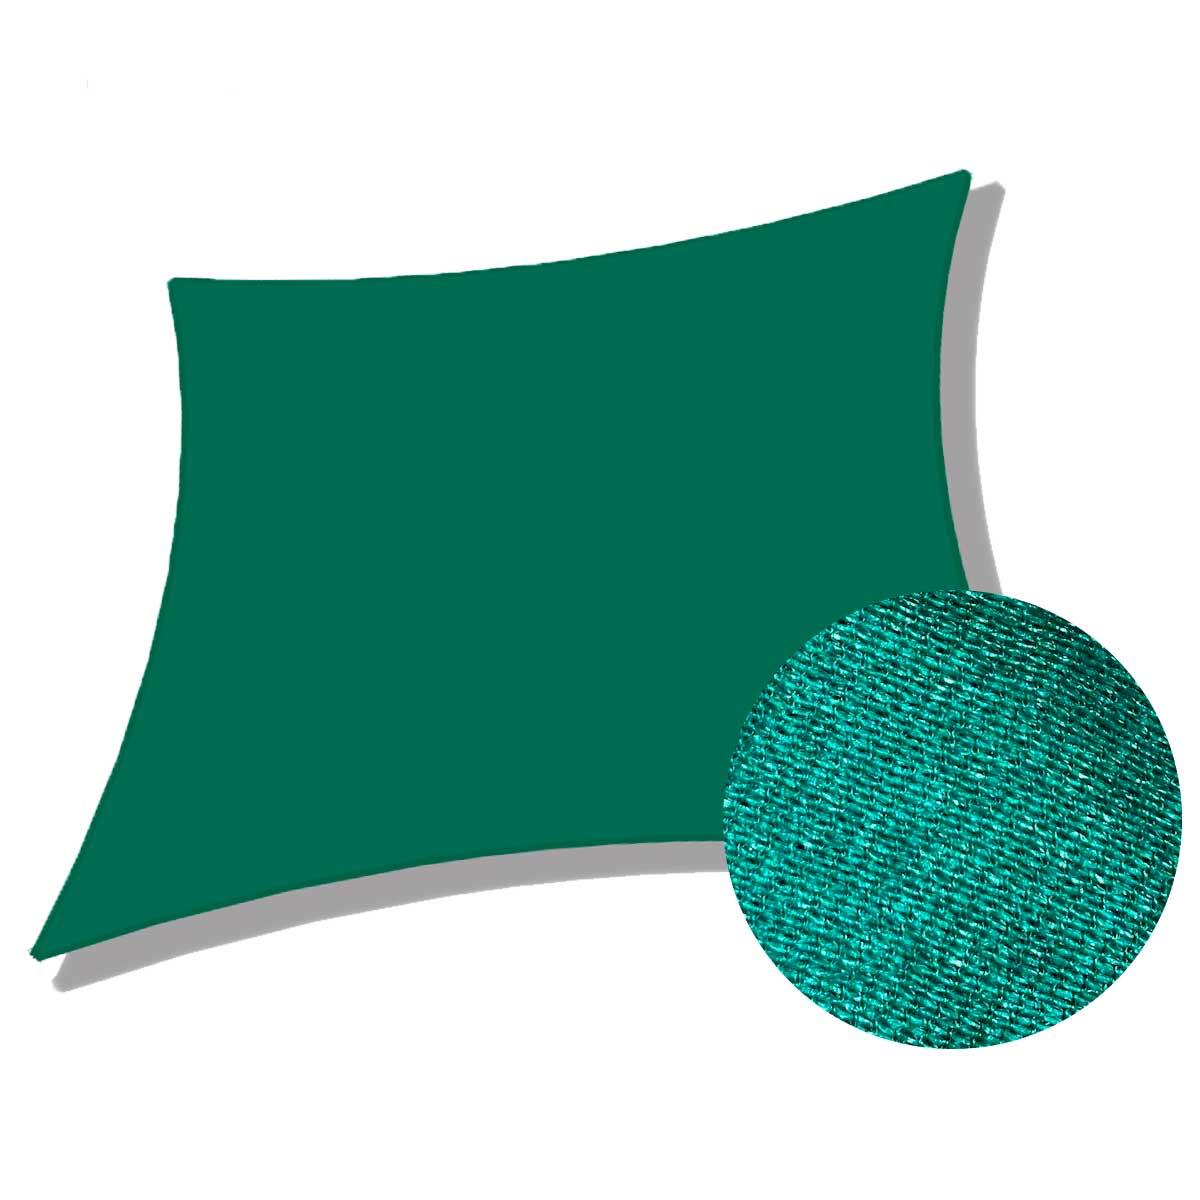 Tela Toldo Decorativa Shade Verde Sem Acabamento 5x3m